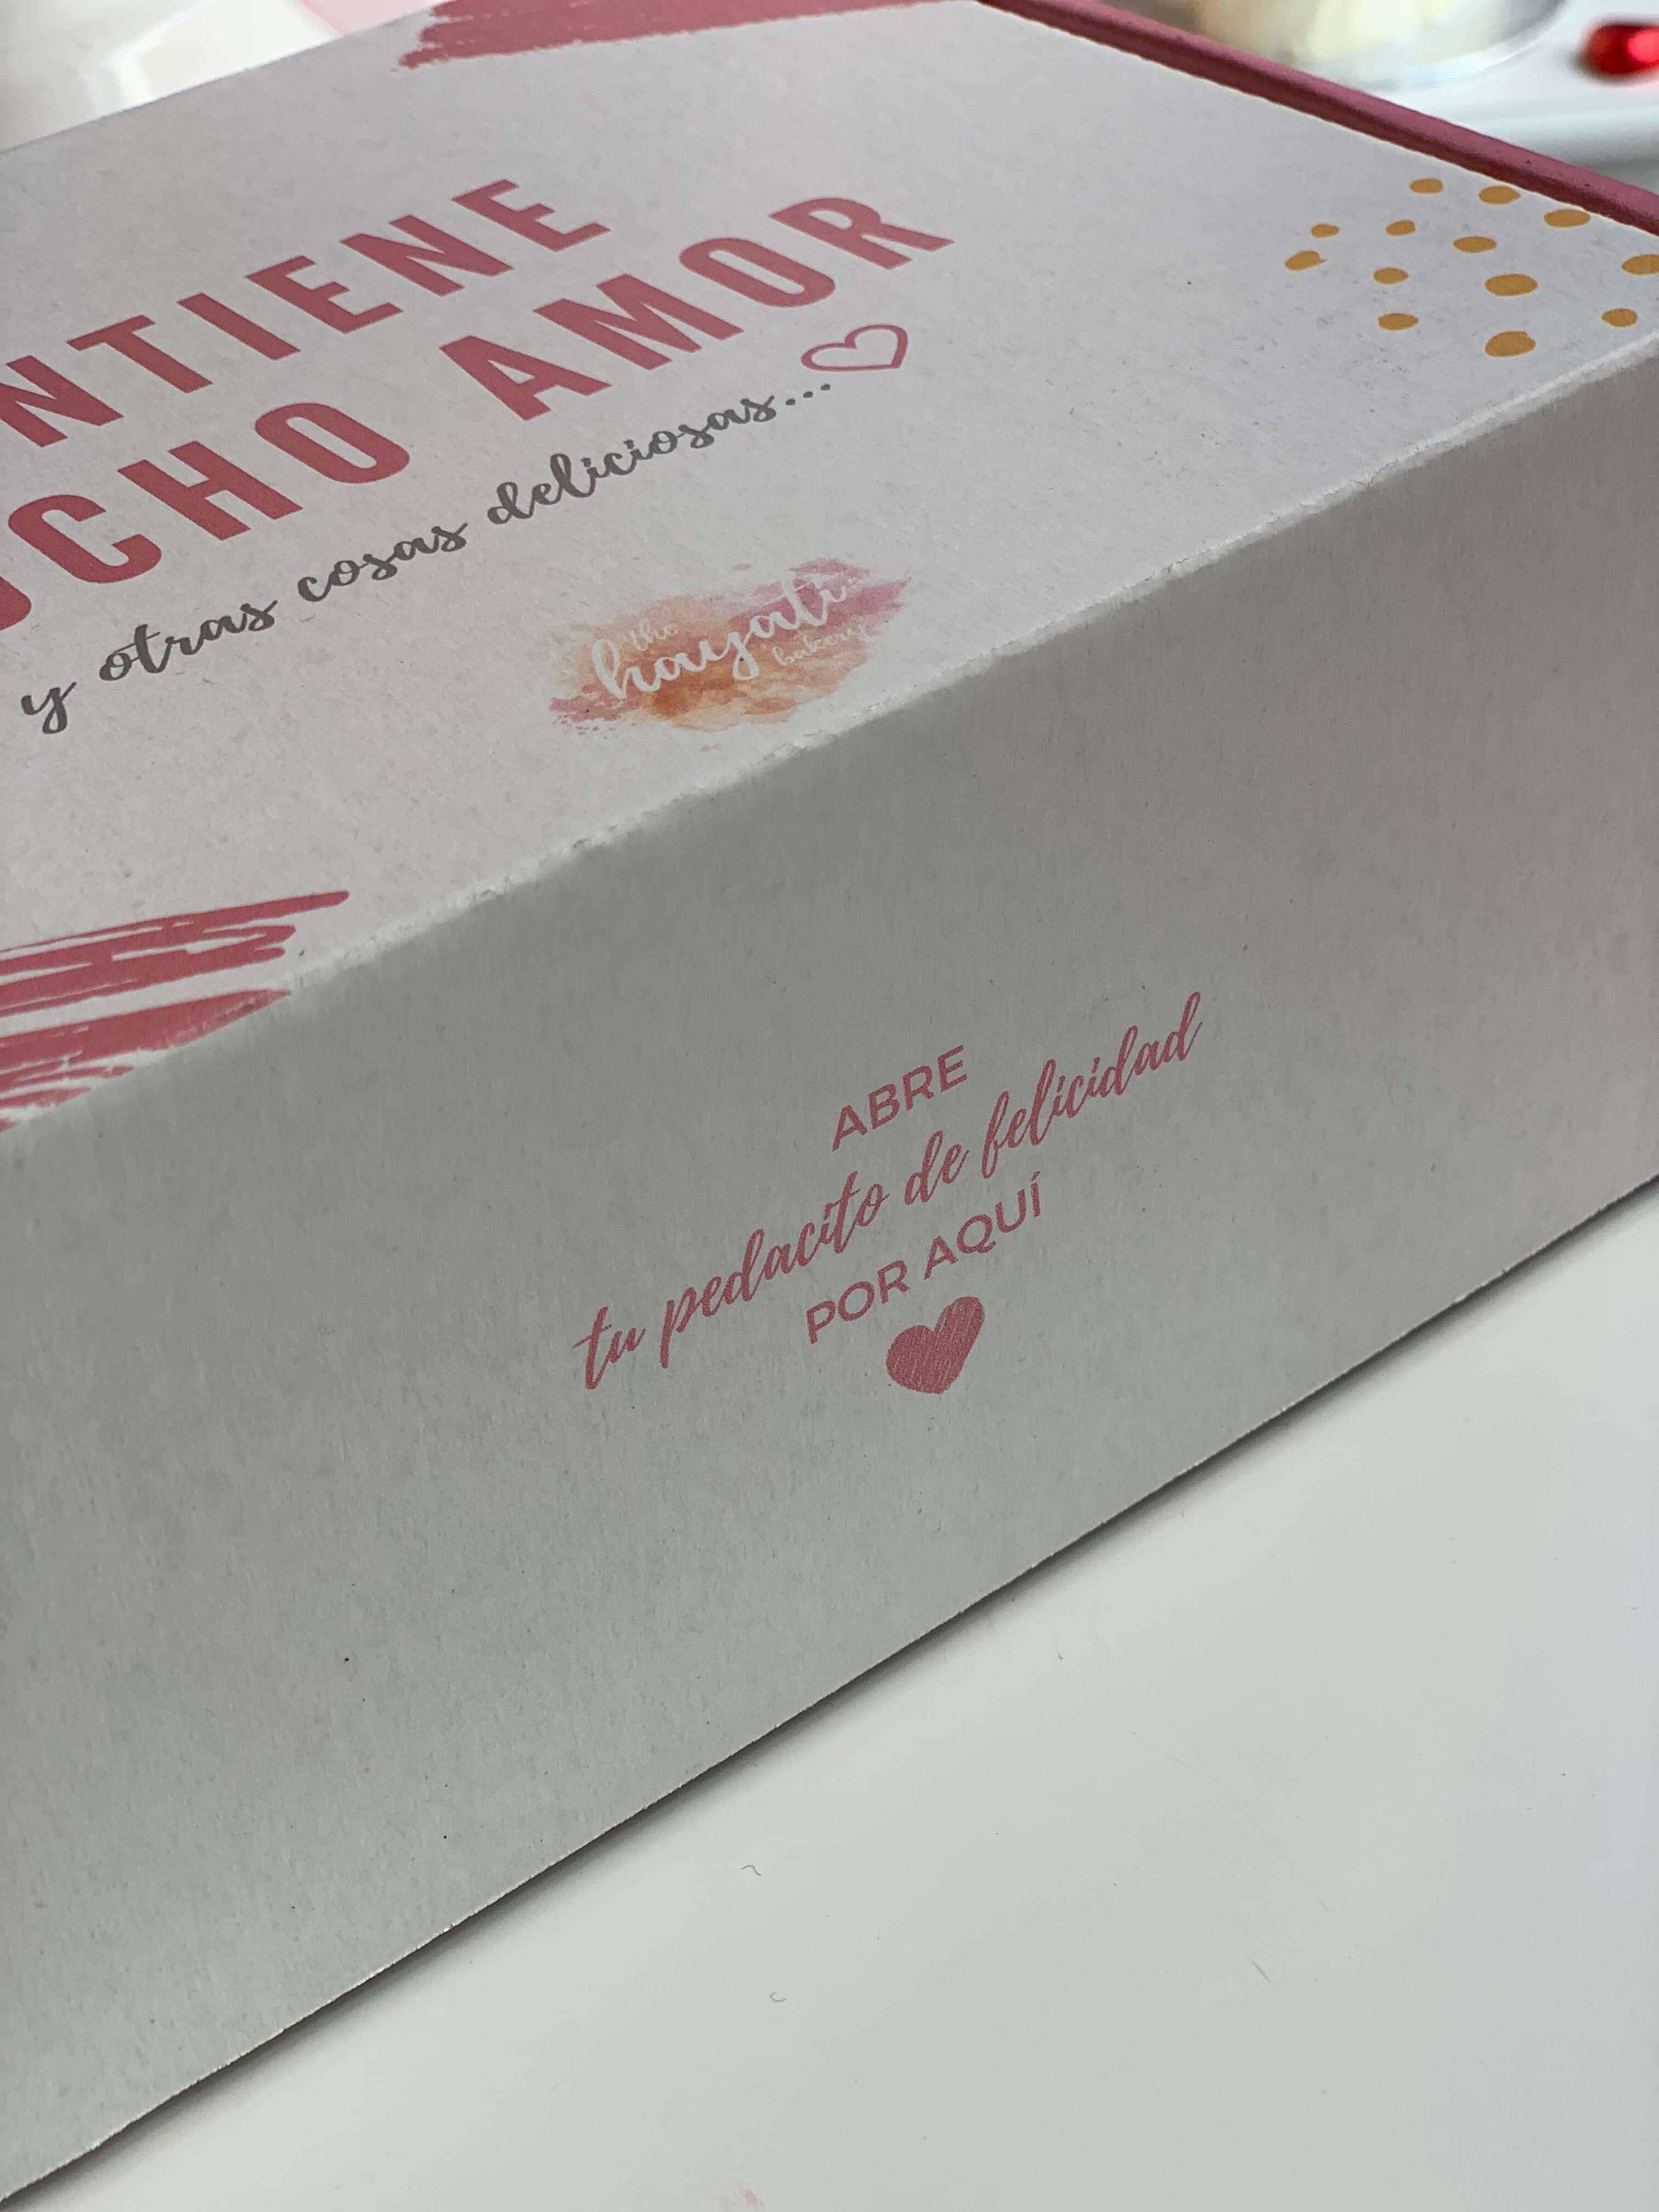 caja postal blanca con una inscripción